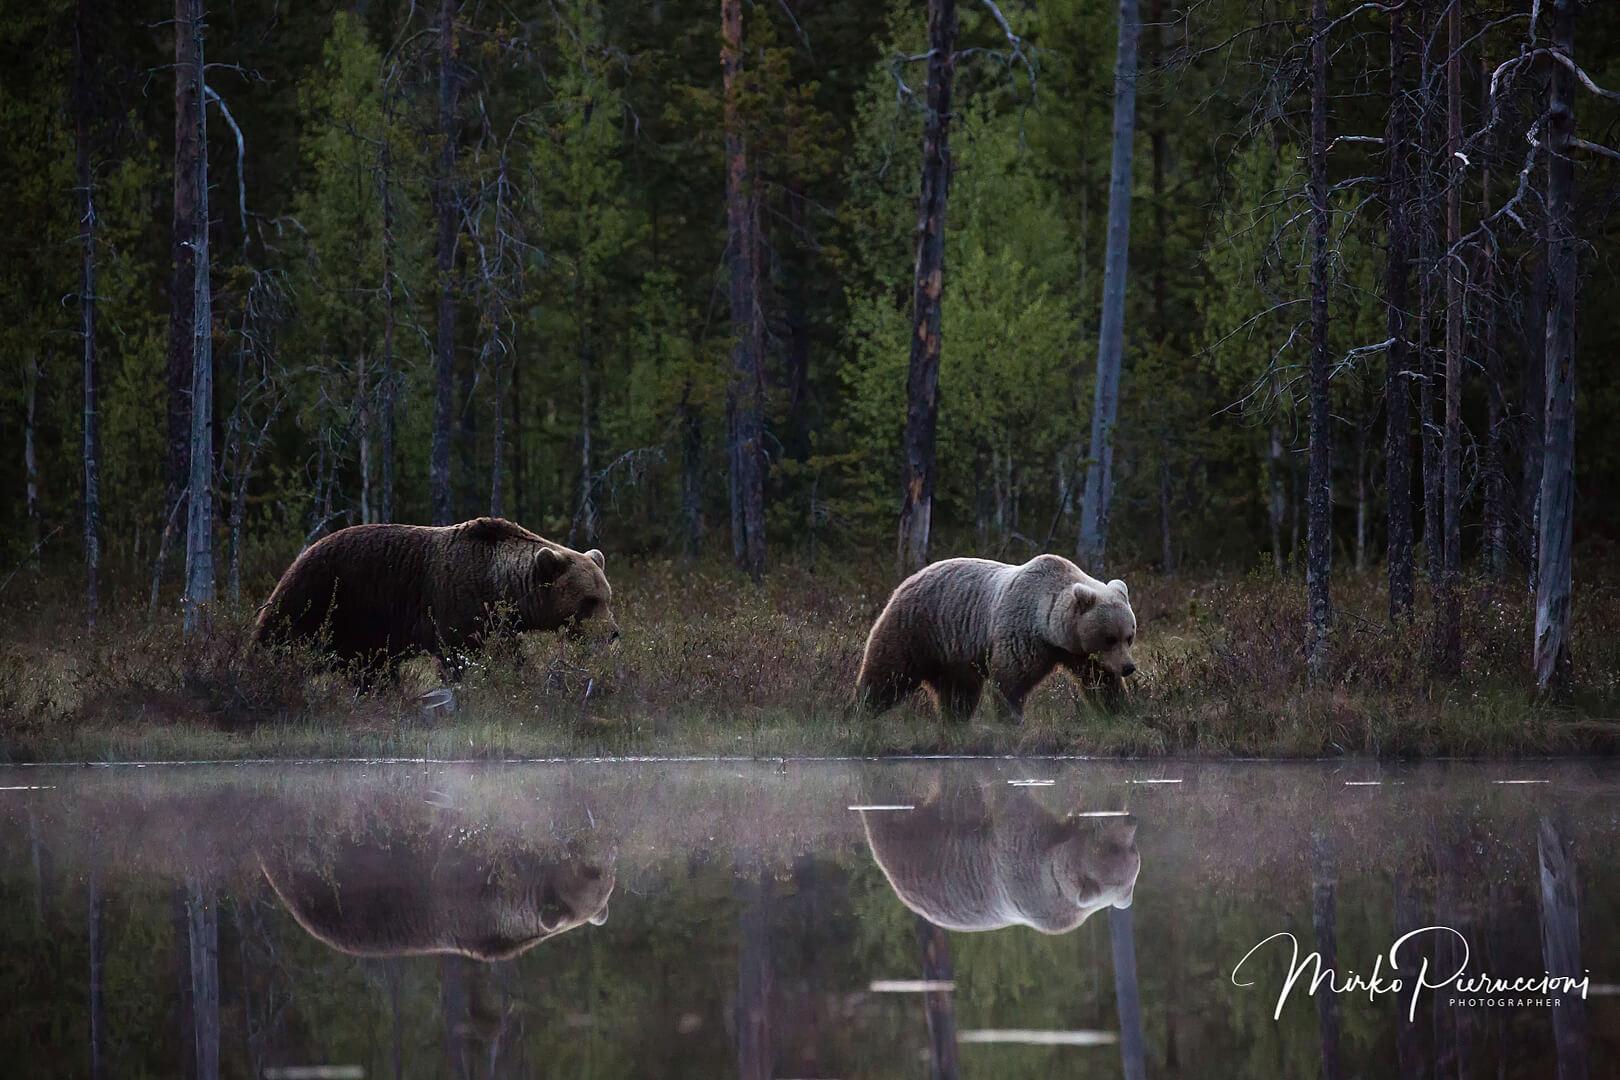 Phototour-Finlandia-2019-5